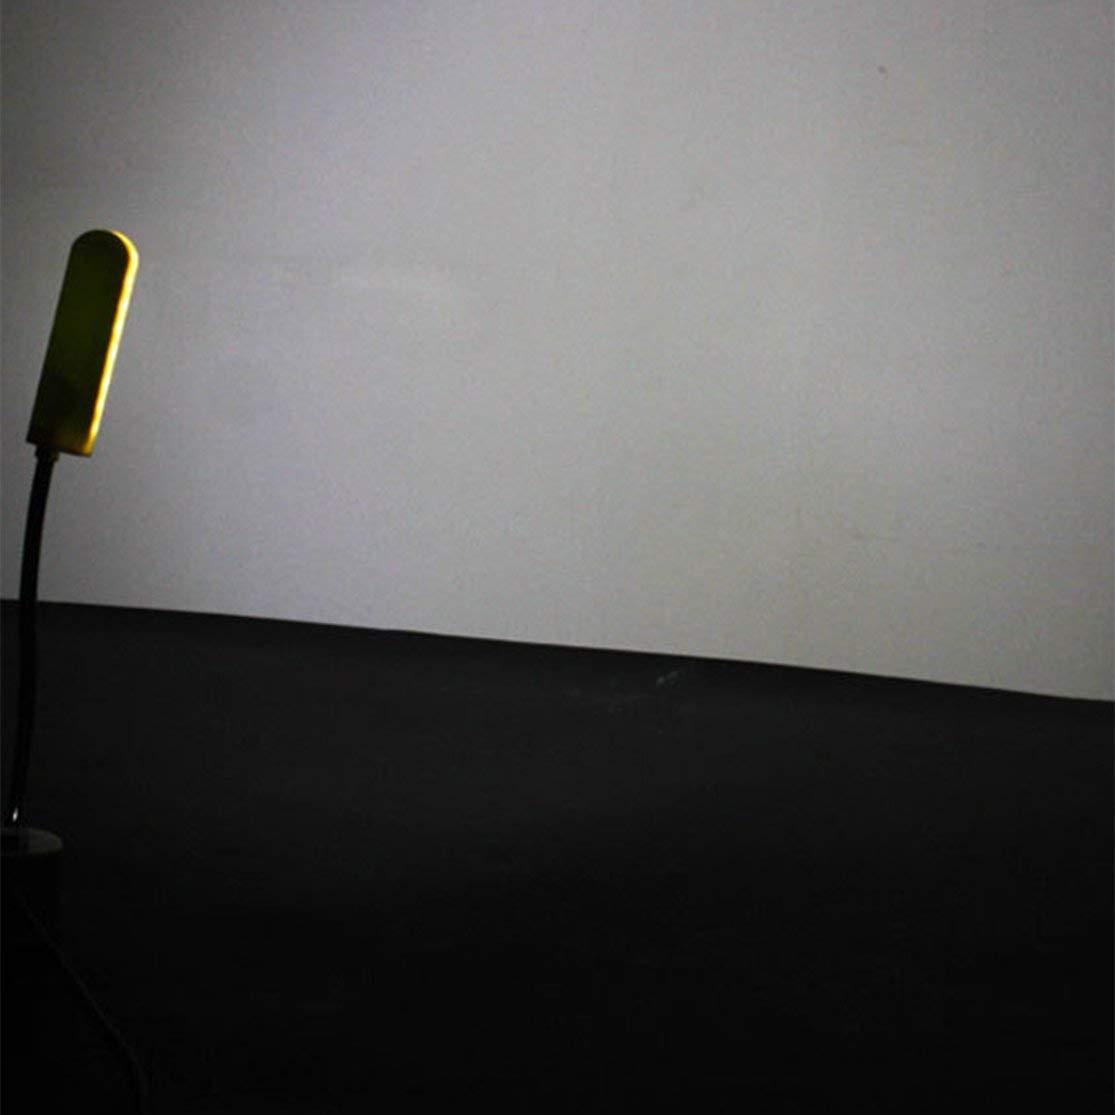 Color:white Lampada da lavoro Lampada a LED 20 LED Lavoro a risparmio energetico Lampade con magneti Montare lapparecchio di illuminazione per macchina da cucire